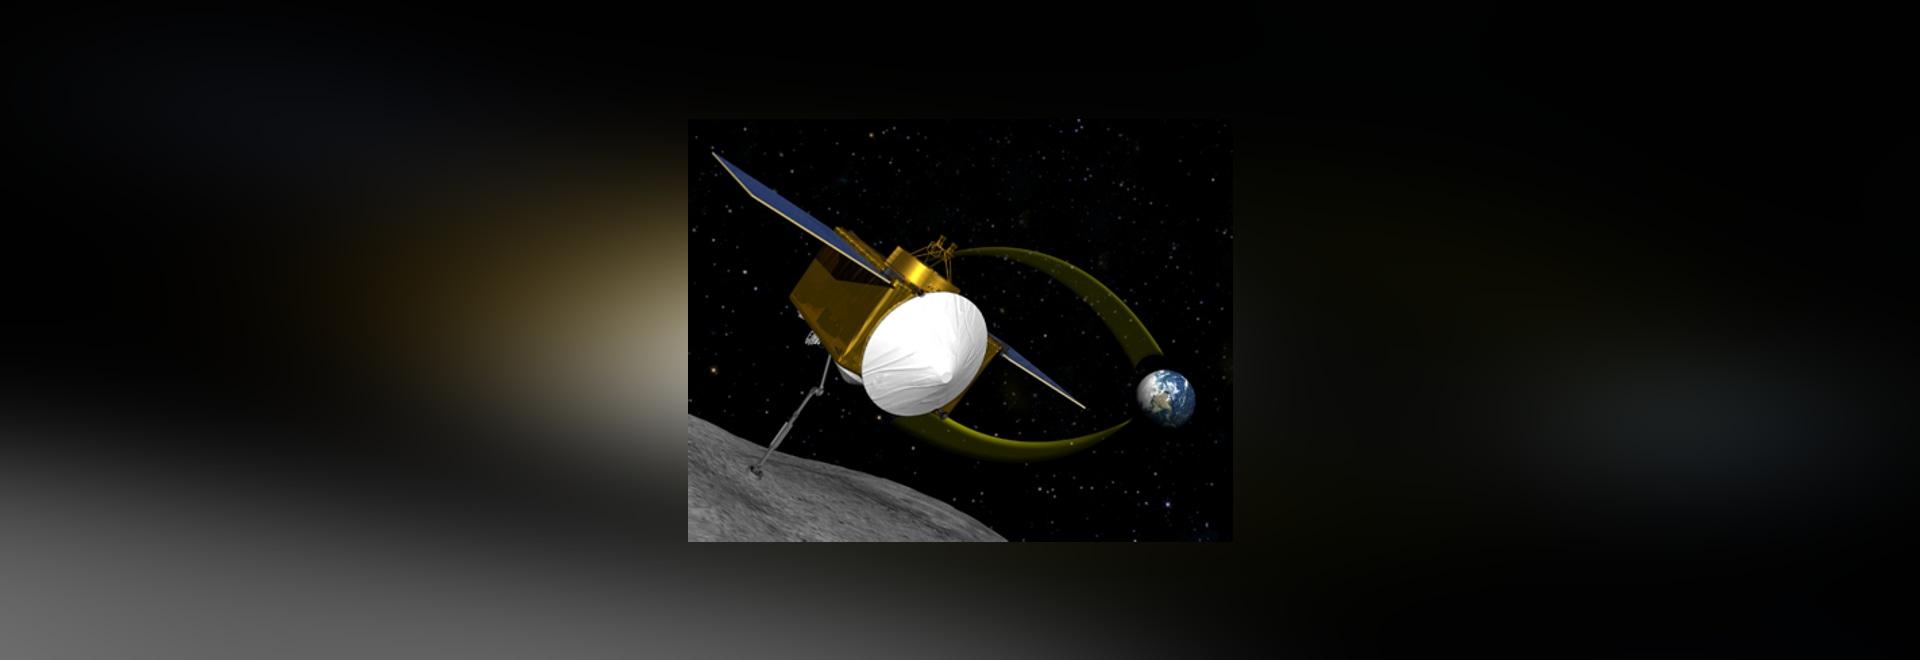 Le Magnetics de BEI Kimco a conçu un déclencheur mobile adapté aux besoins du client d'enroulement de voix d'aimant pour le vaisseau spatial d'OSIRIS-Rex